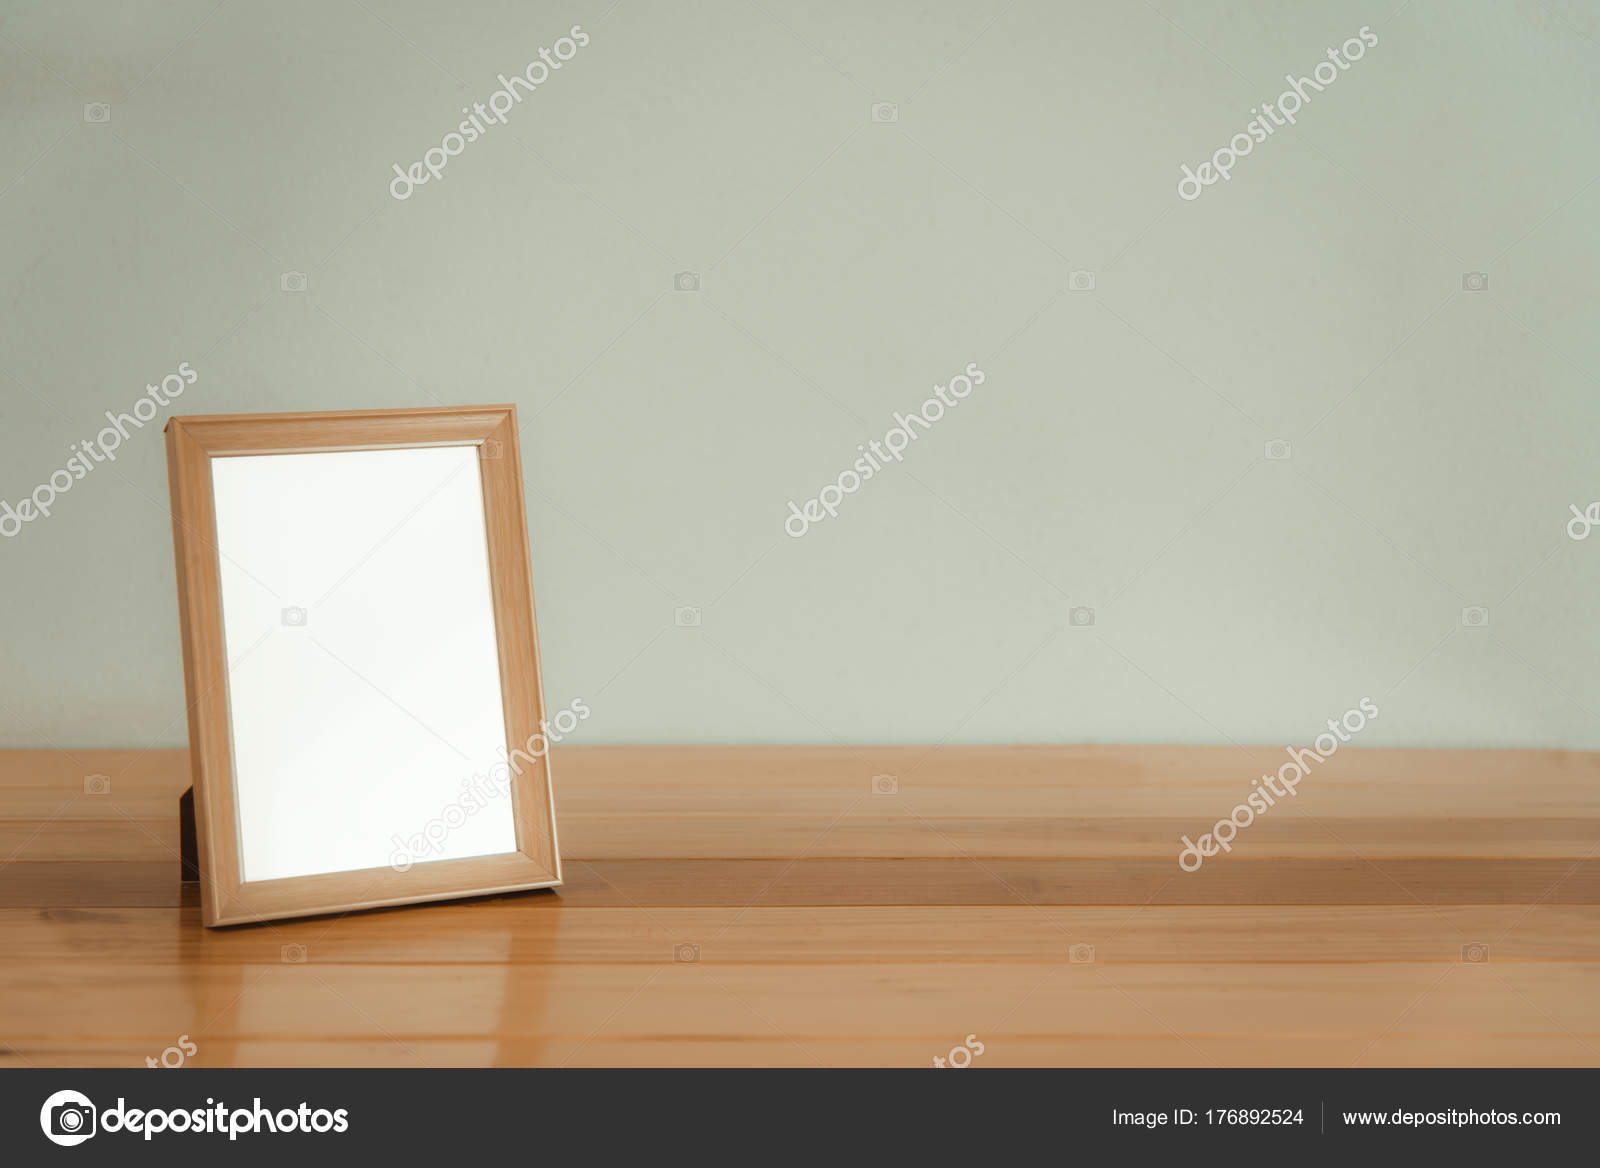 Leeren Sie Holz Bilderrahmen auf Holztisch mit Textfreiraum, Bild ...